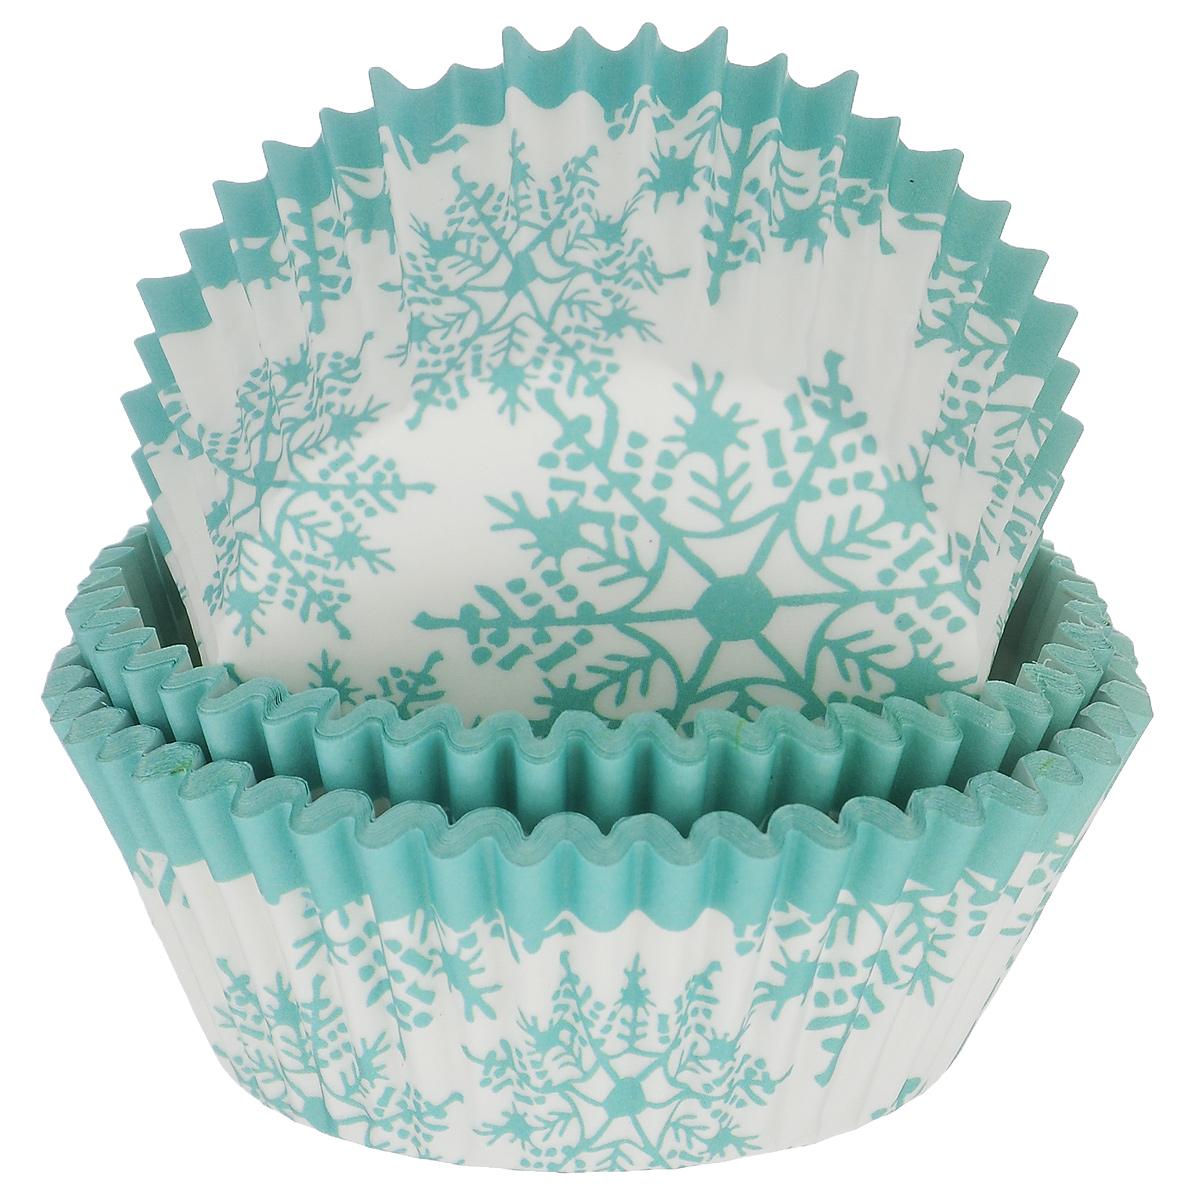 Набор бумажных форм для кексов Dolce Arti Снежинки, цвет: бирюзовый, белый, диаметр 5 см, 50 штDA080216Набор Dolce Arti Снежинки состоит из 50 бумажных форм для кексов, оформленных изображением снежинок. Они предназначены для выпечки и упаковки кондитерских изделий, также могут использоваться для сервировки орешков, конфет и много другого. Для одноразового применения. Гофрированные бумажные формы идеальны для выпечки кексов, булочек и пирожных. Высота стенки: 3 см. Диаметр (по верхнему краю): 7 см.